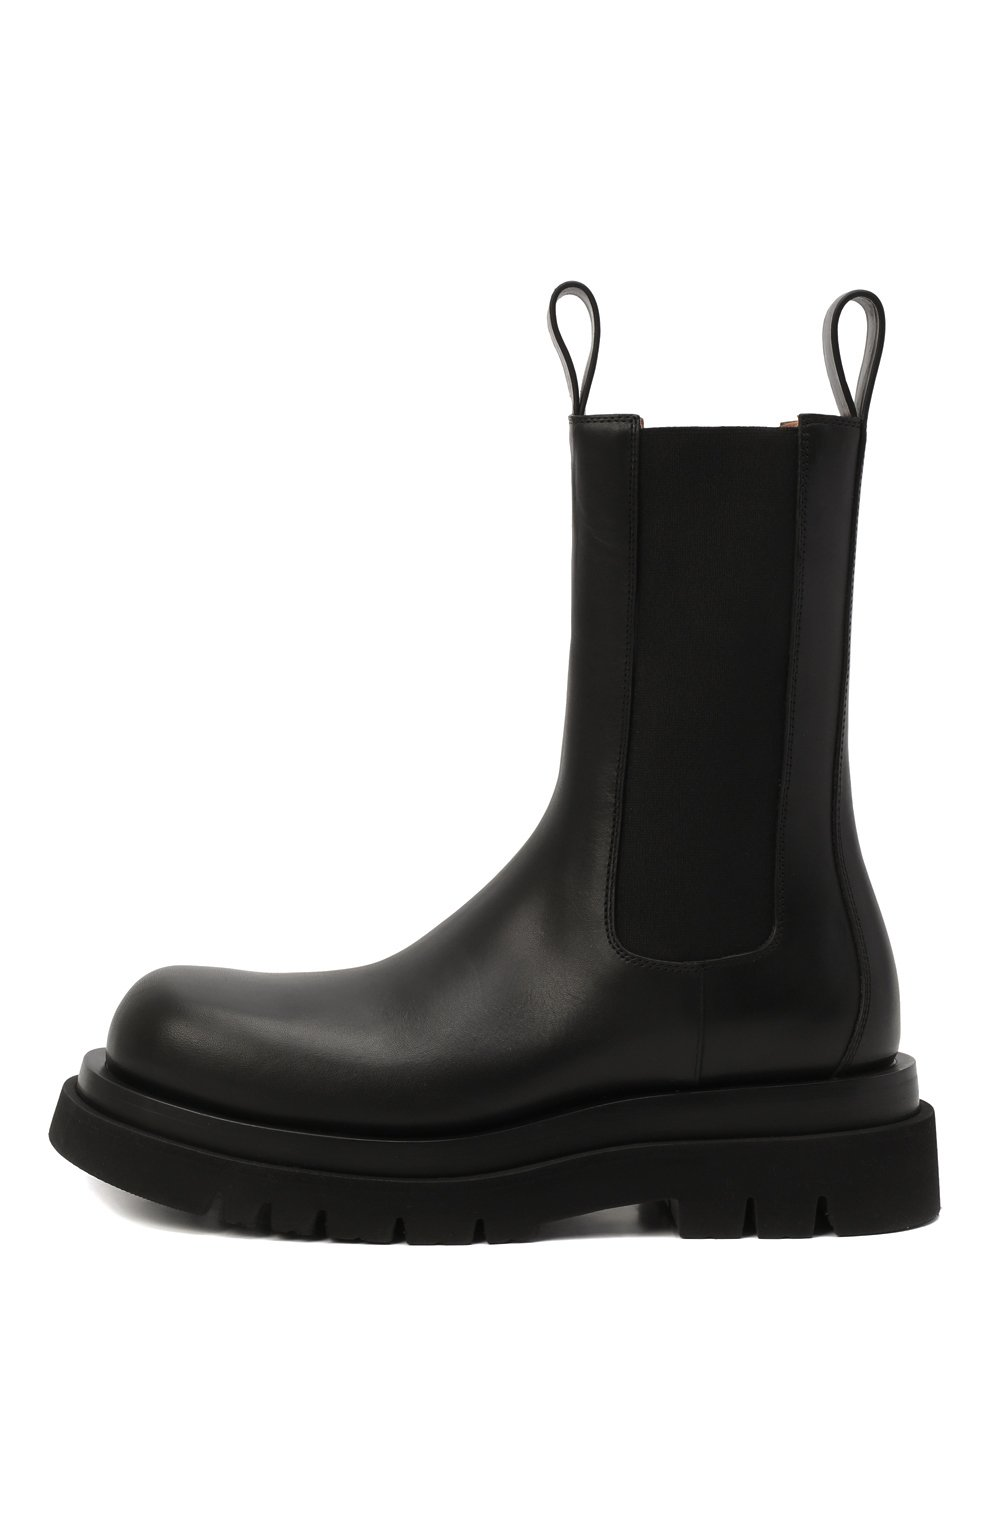 Мужские кожаные челси lug BOTTEGA VENETA черного цвета, арт. 592081/VIFH0 | Фото 4 (Каблук высота: Высокий; Высота голенища: Высокие; Материал внутренний: Натуральная кожа; Подошва: Массивная; Мужское Кросс-КТ: Сапоги-обувь, Челси-обувь; Статус проверки: Проверена категория)